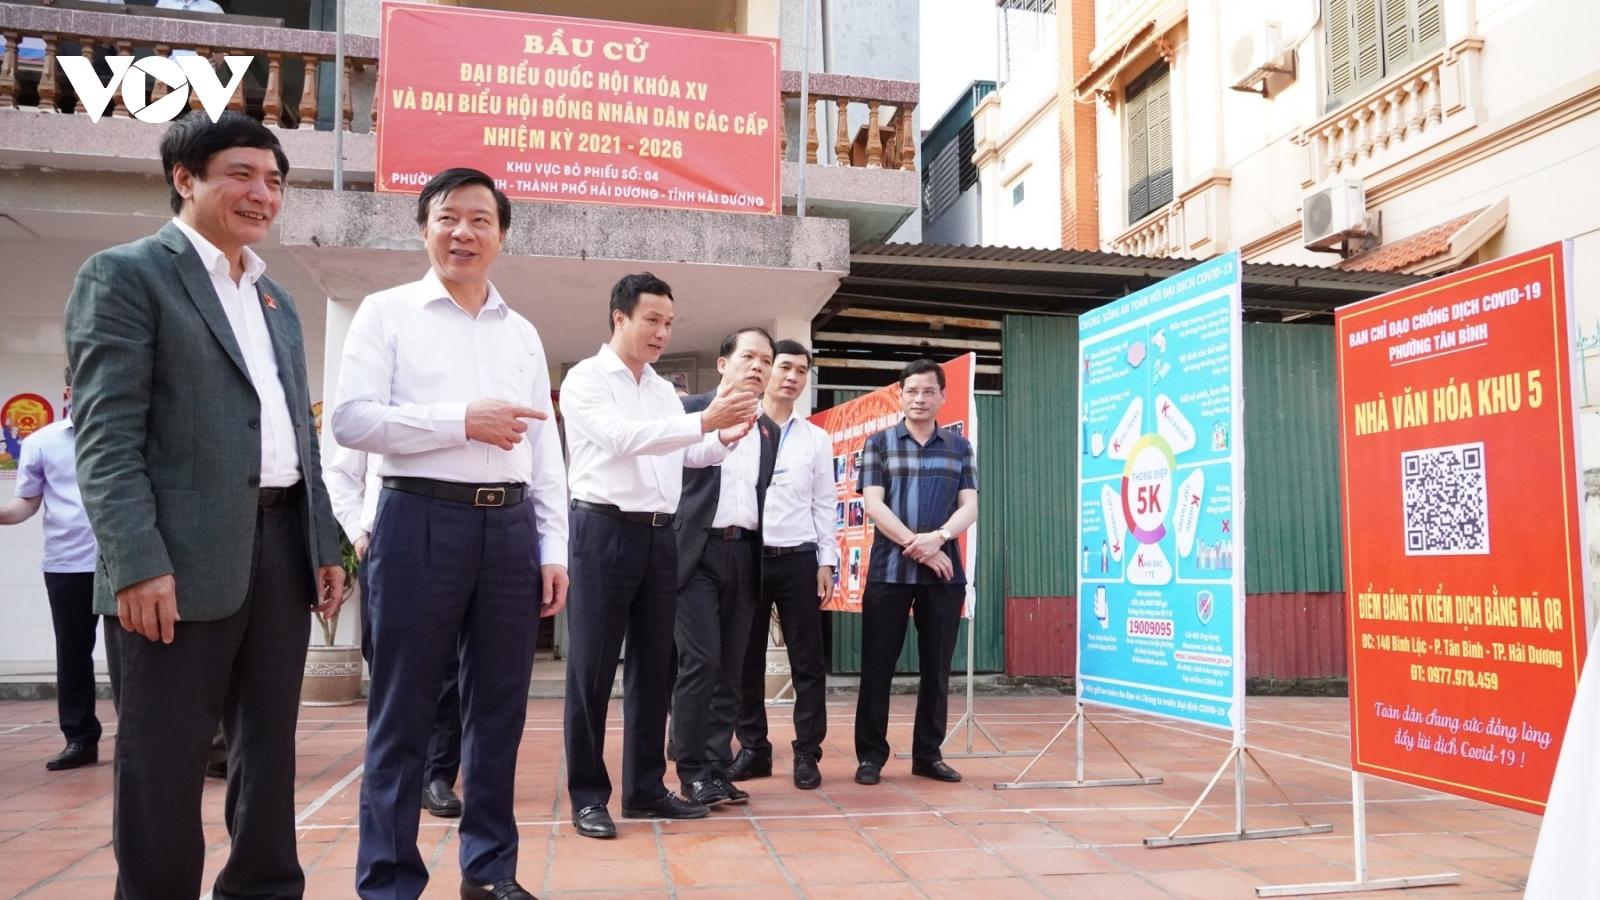 Phó Chủ tịch Quốc hội Nguyễn Khắc Định kiểm tra công tác bầu cử tại Hải Dương